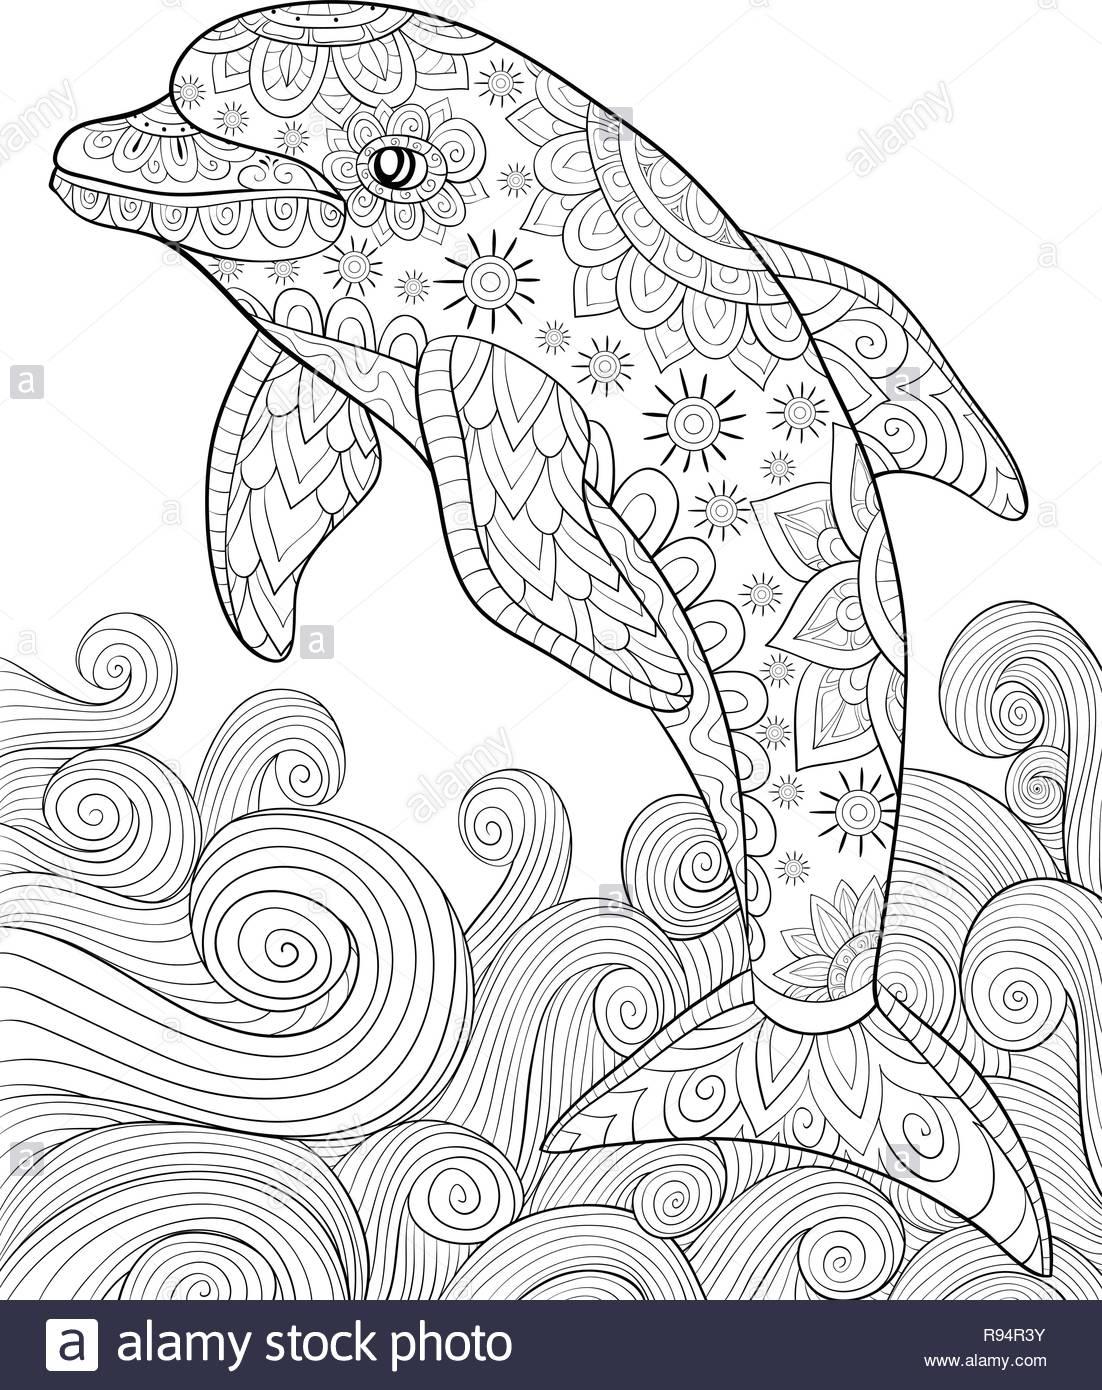 Un Mignon Dolphin Avec Des Ornements Et Des Vagues De Droit concernant Dessin De Vague A Imprimer